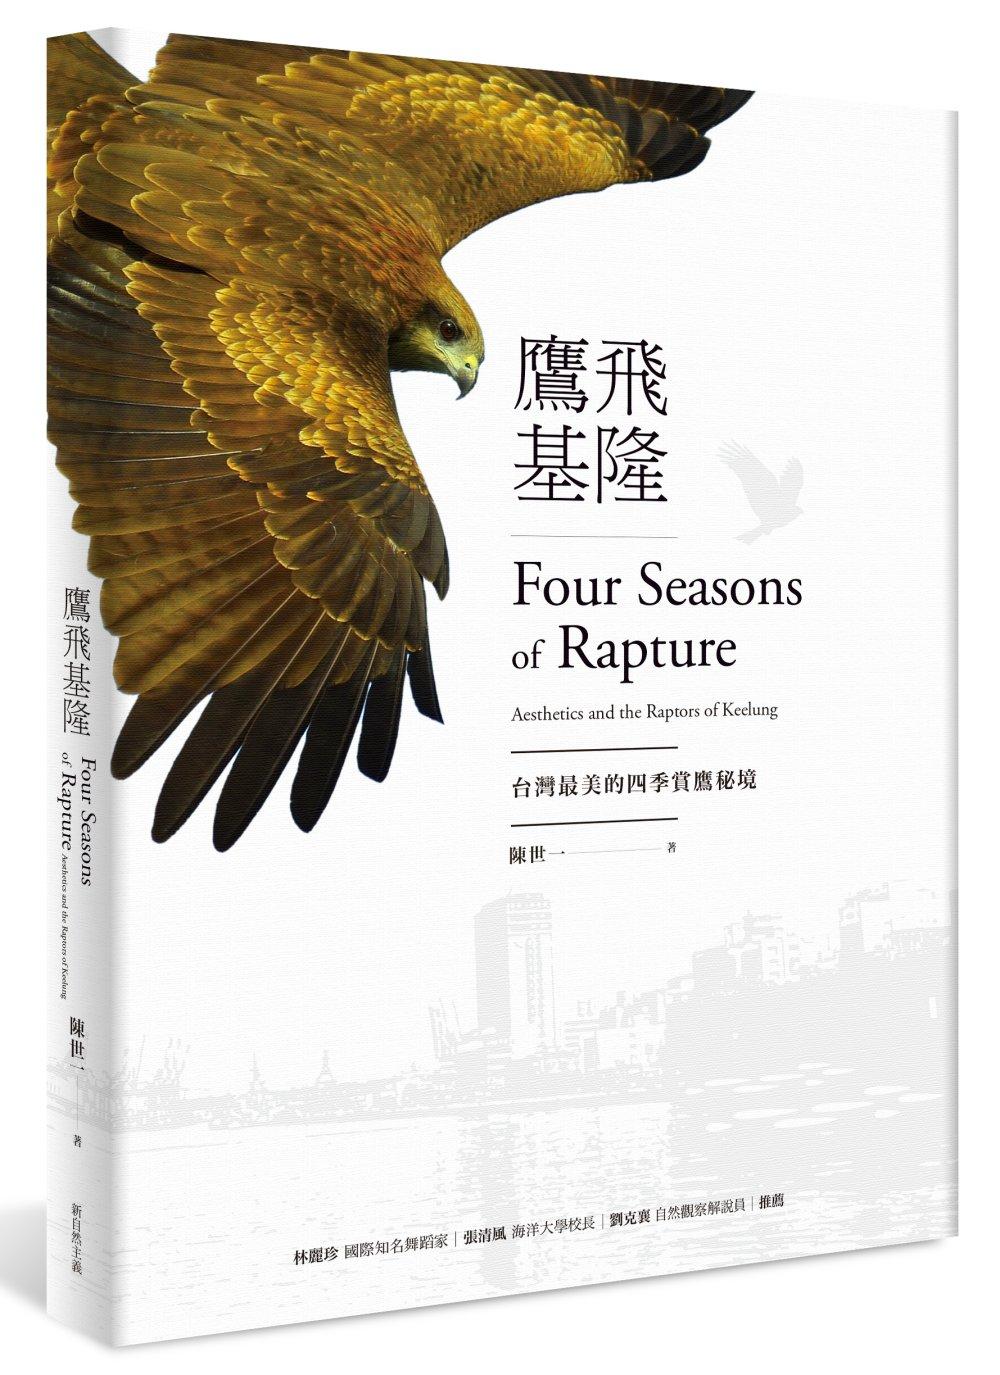 鷹飛基隆:台灣最美的四季賞鷹秘境